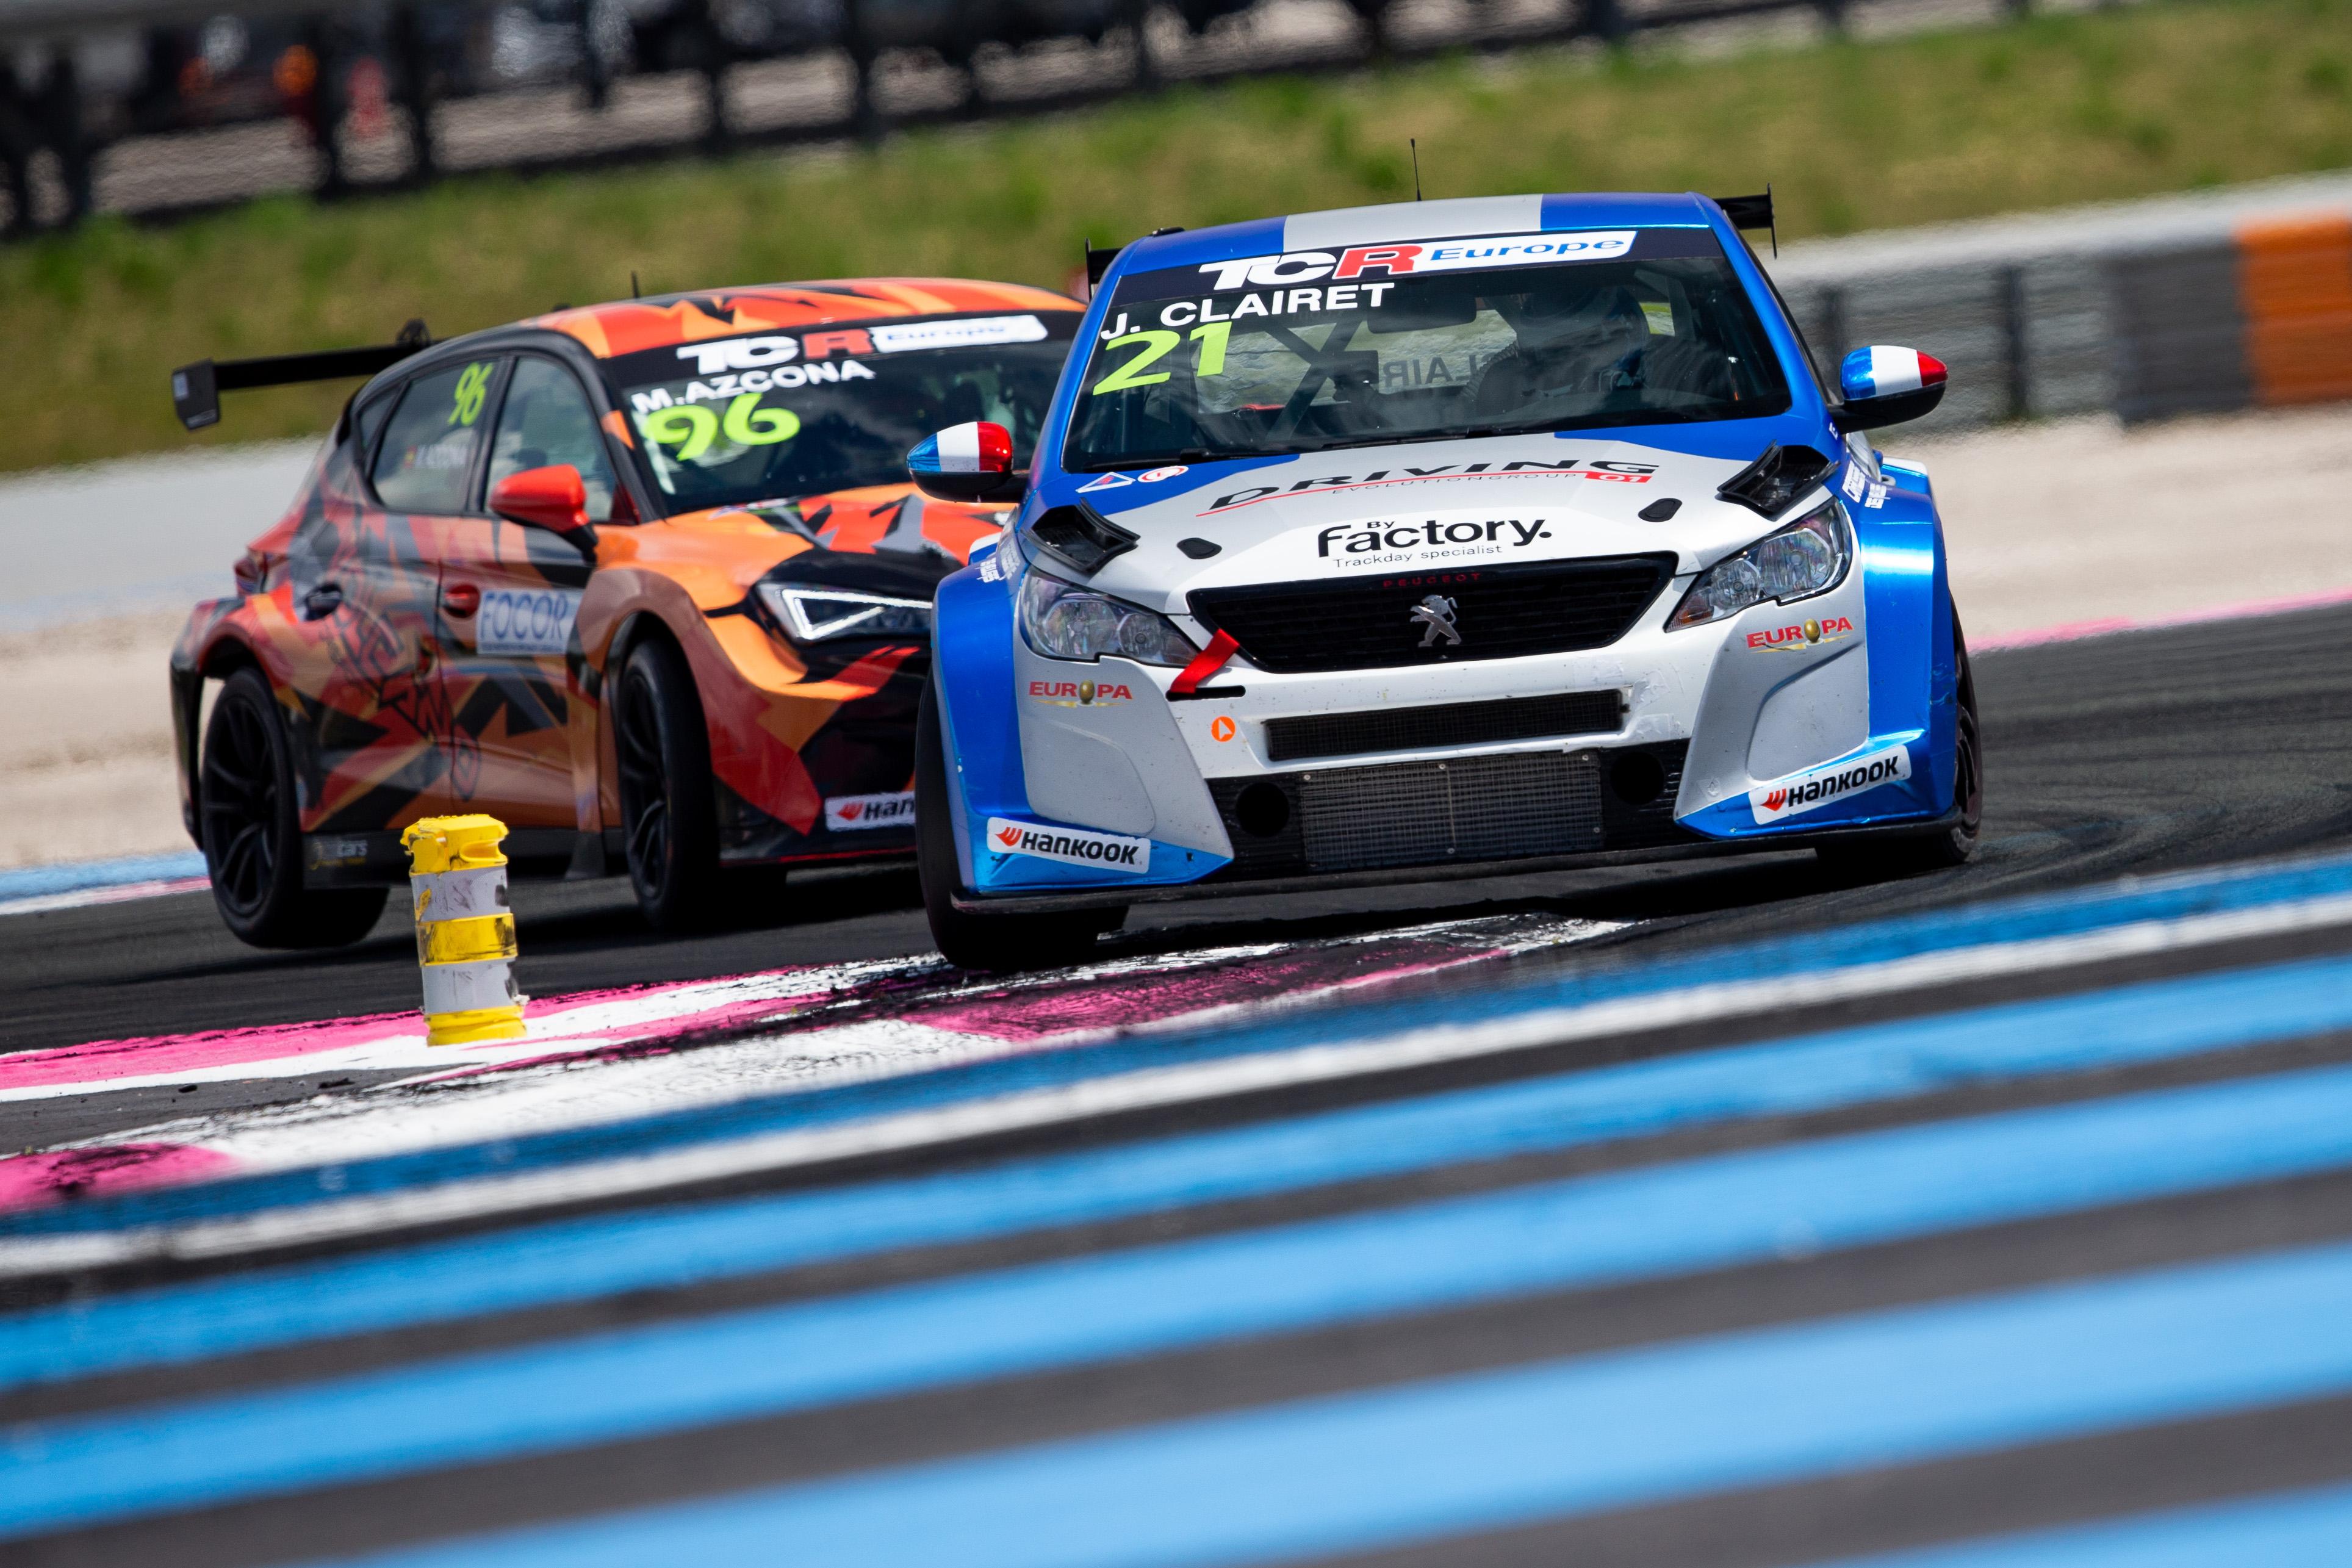 2021 Le Castellet Race 2